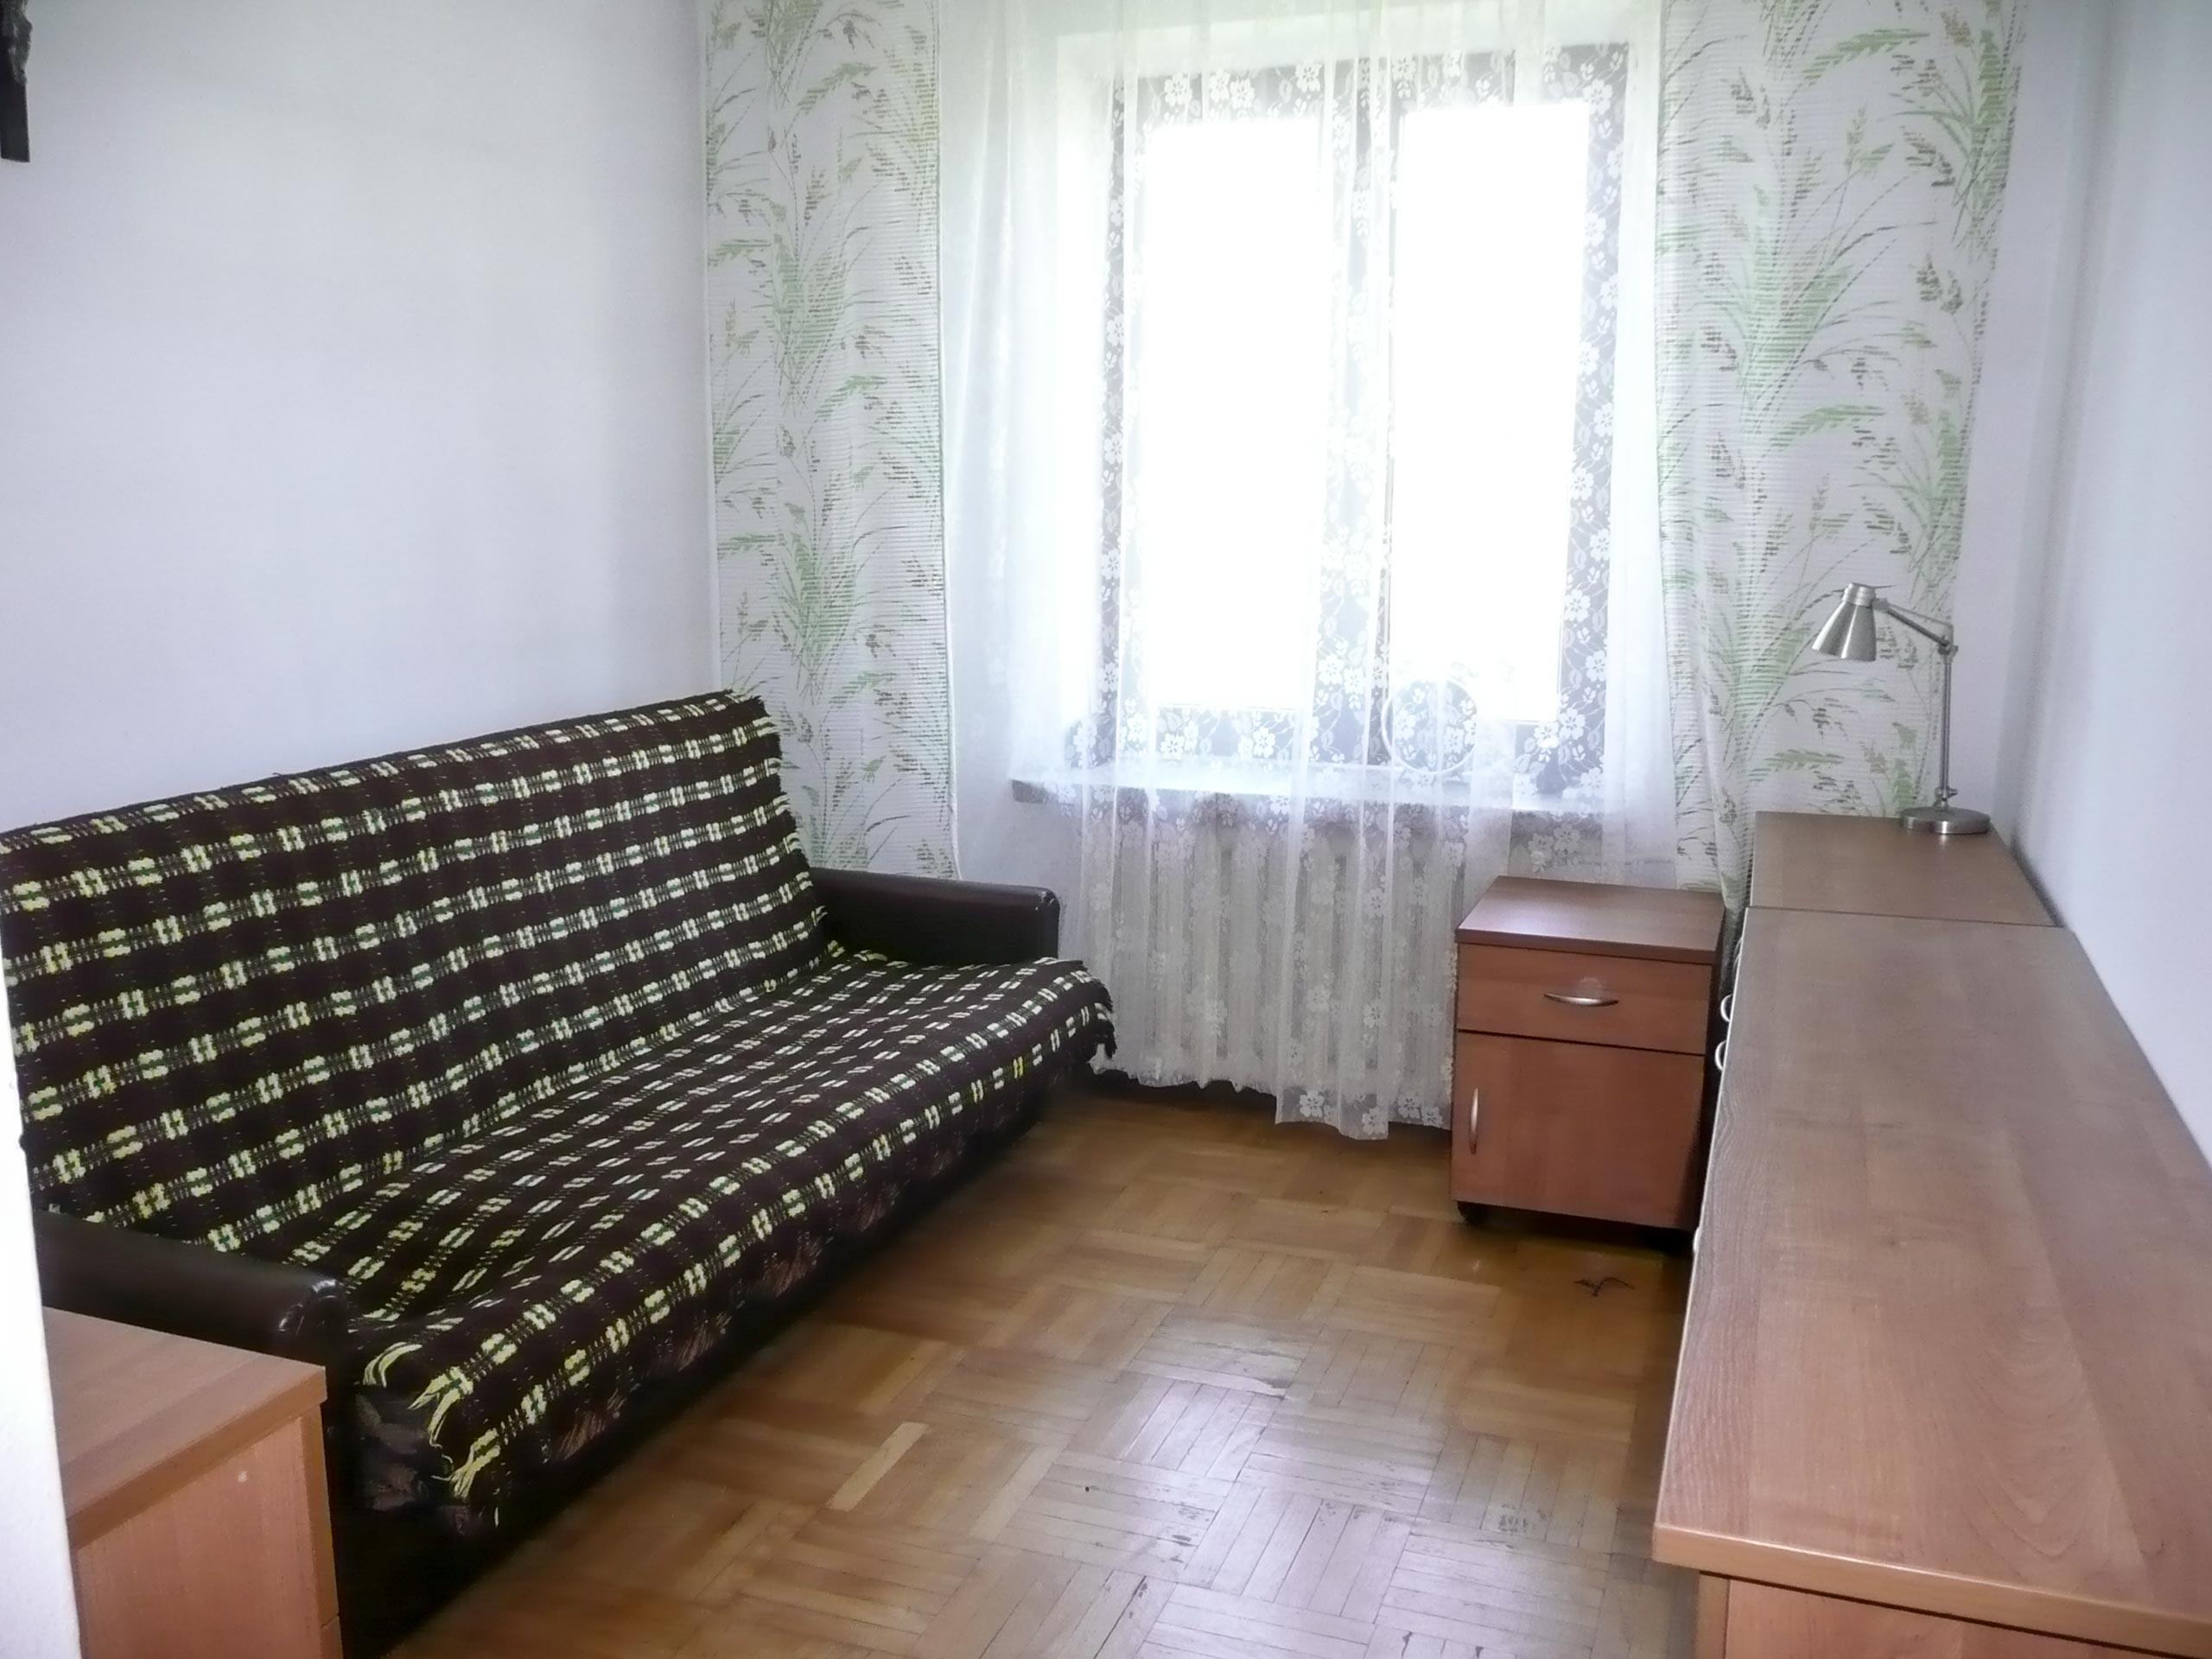 dom, Wólka Kraśniczyńska, gmina Kraśniczyn - dom na sprzedaż - Krzysztof Górski Nieruchomości Zamość